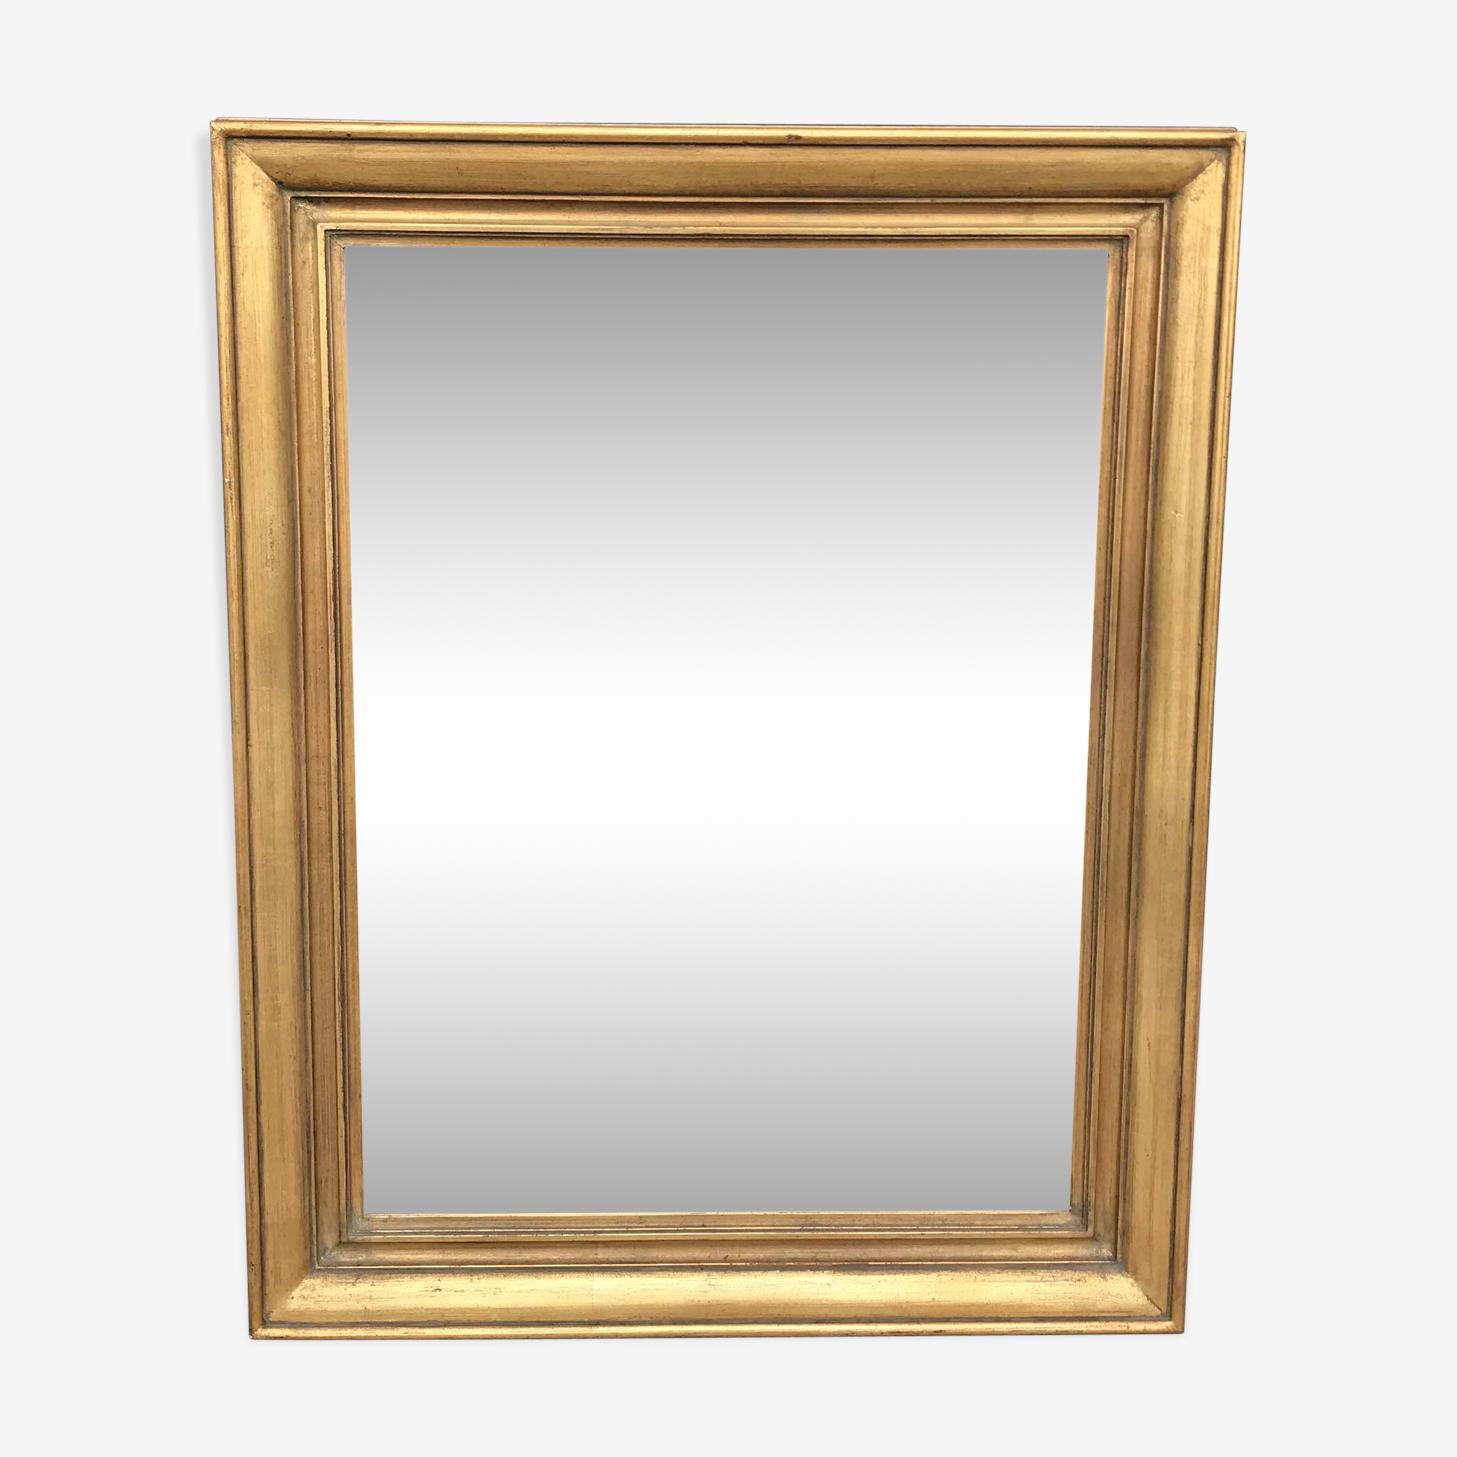 Former Golden mirror 77cm x 61cm